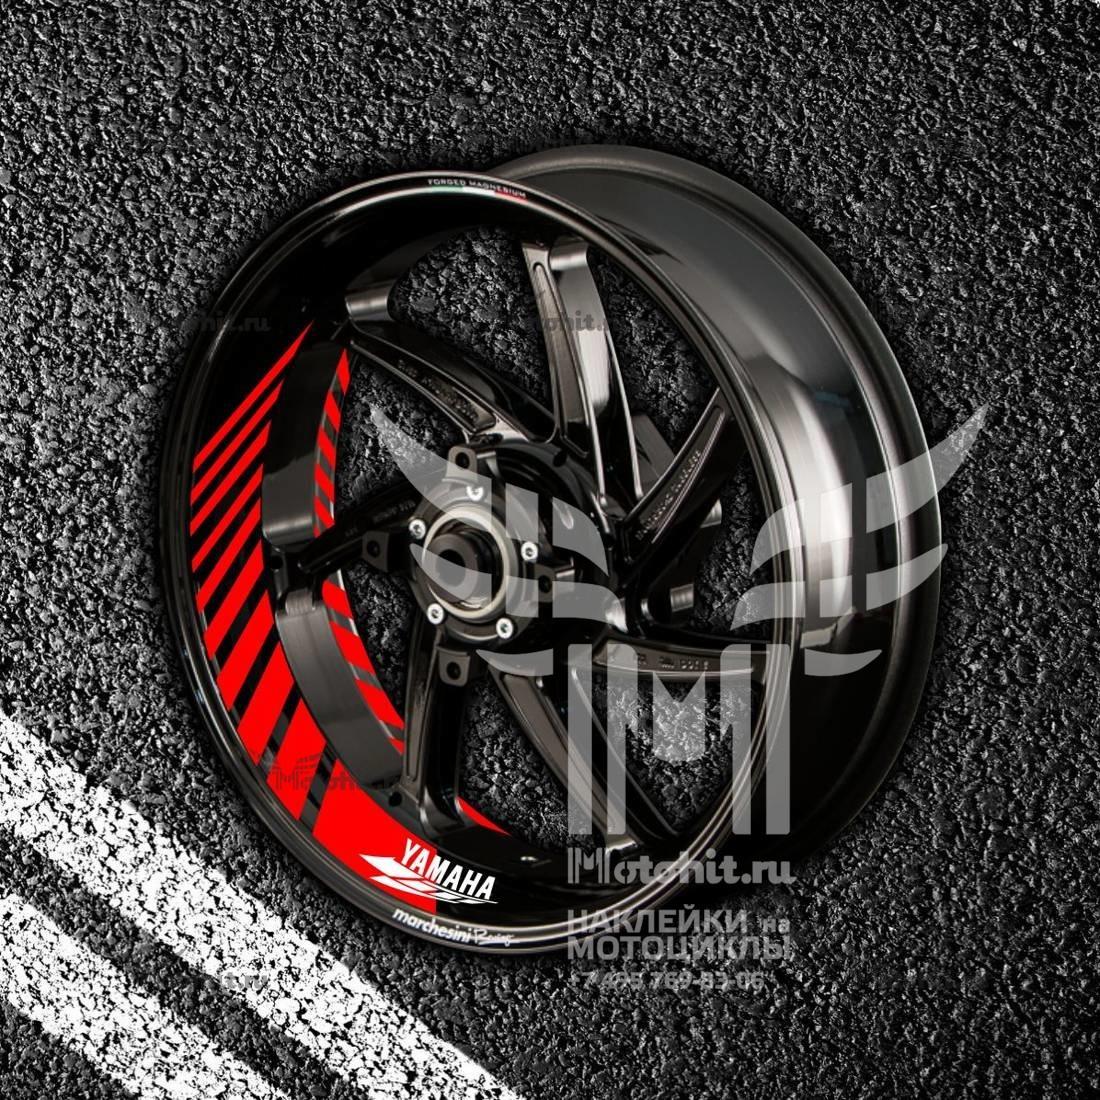 Комплект наклеек с полосами на колеса мотоцикла YAMAHA AND-SYMBOL